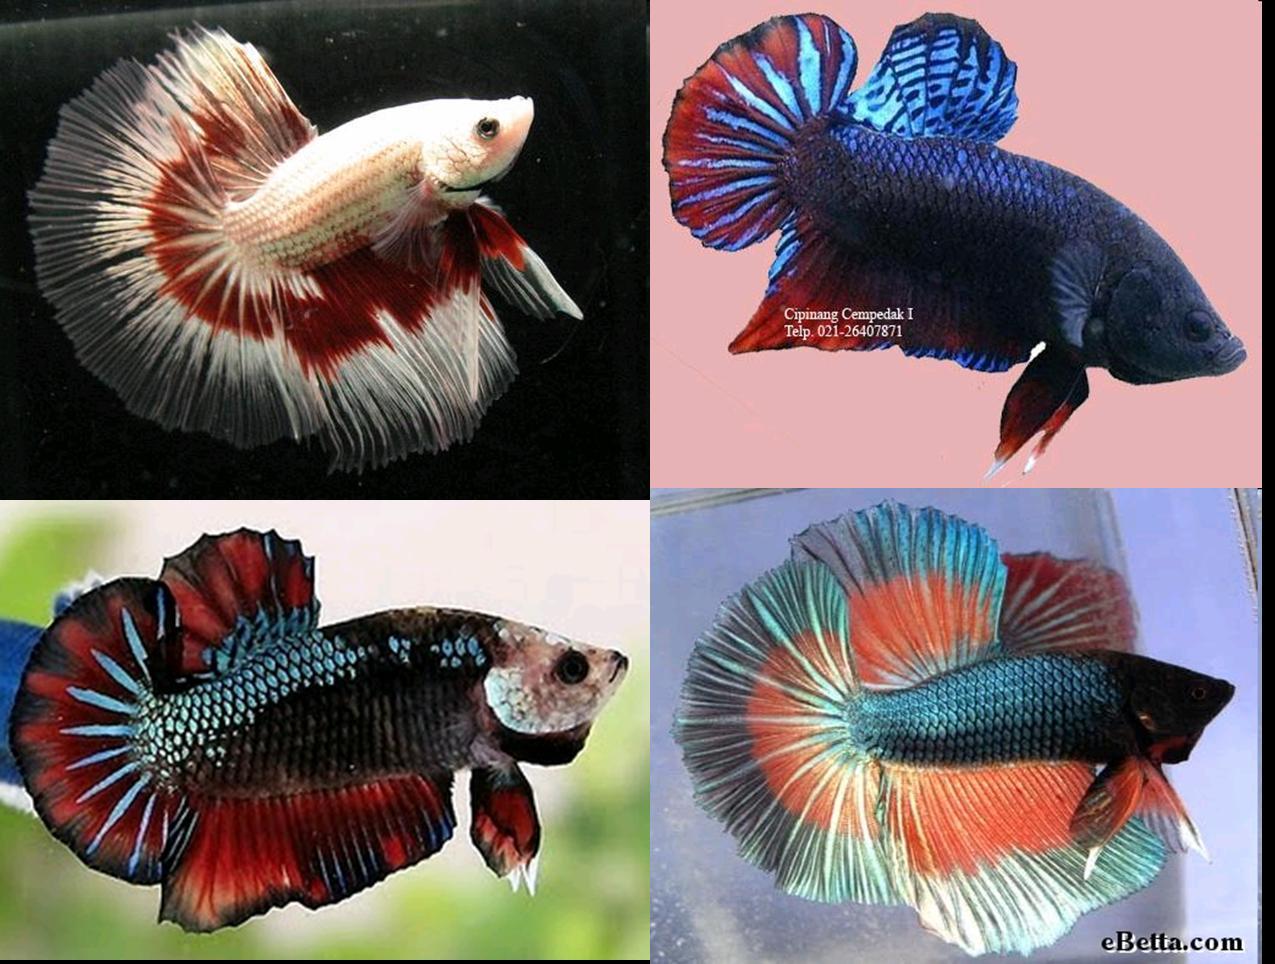 Ikan Cupang Mengeluarkan Gelembung